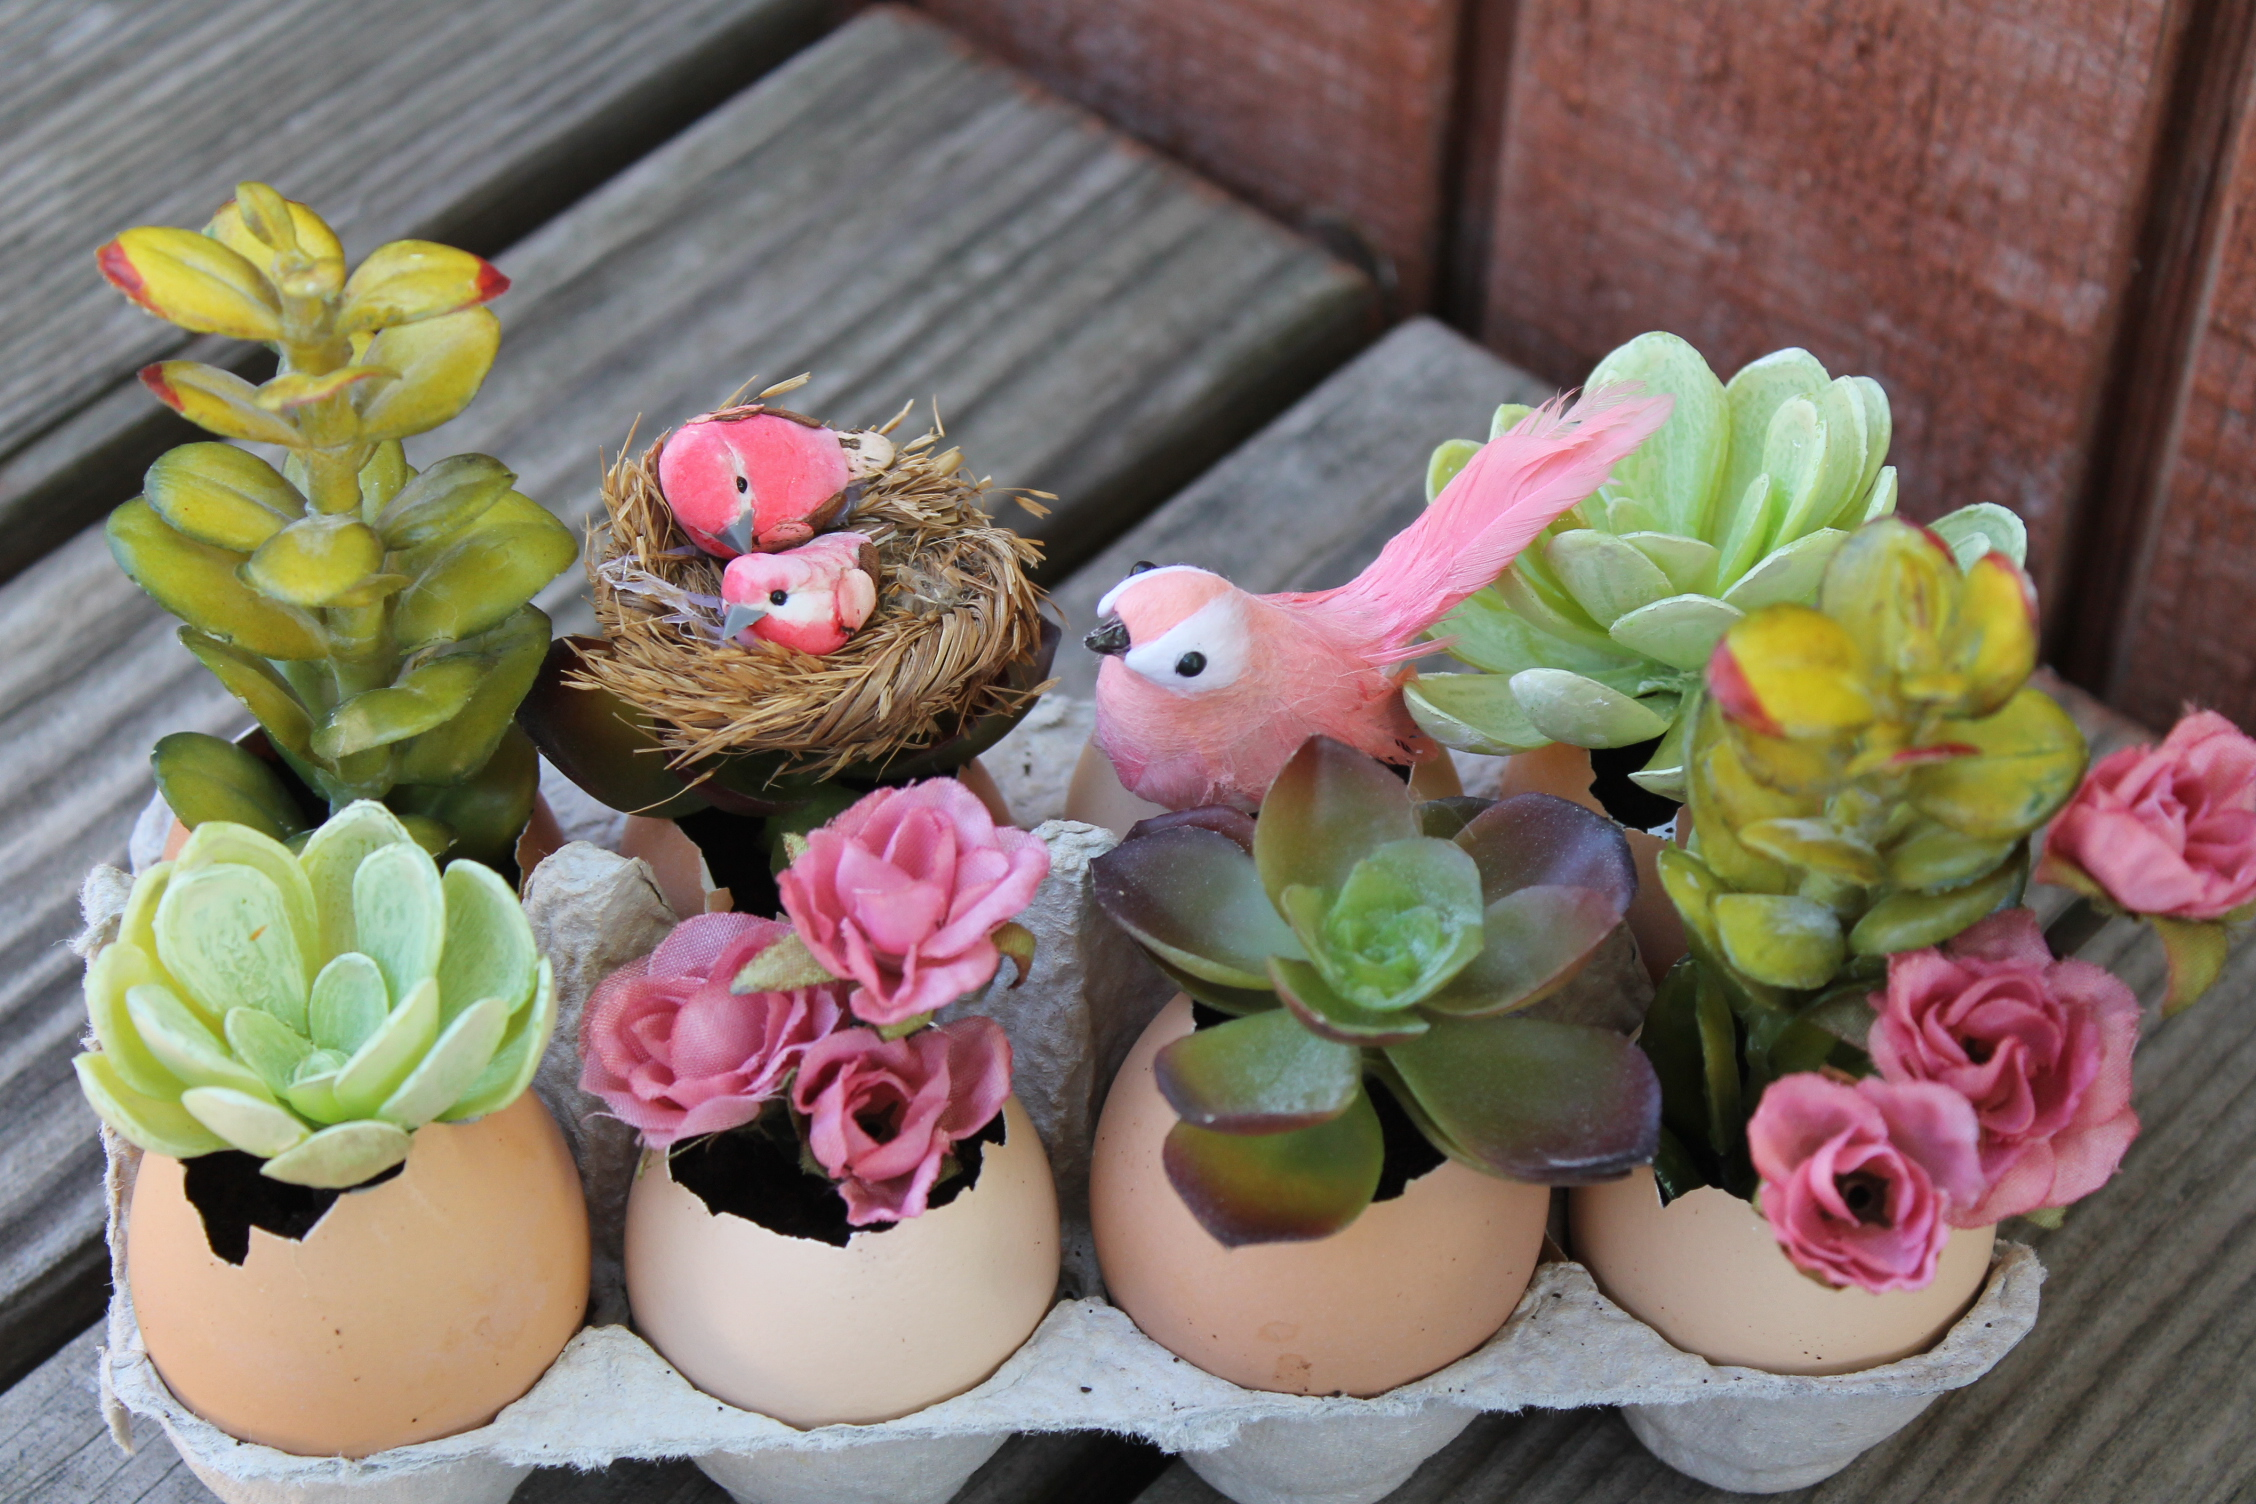 Miniture DIY Eggshell Garden | www.maritzagarcia.website